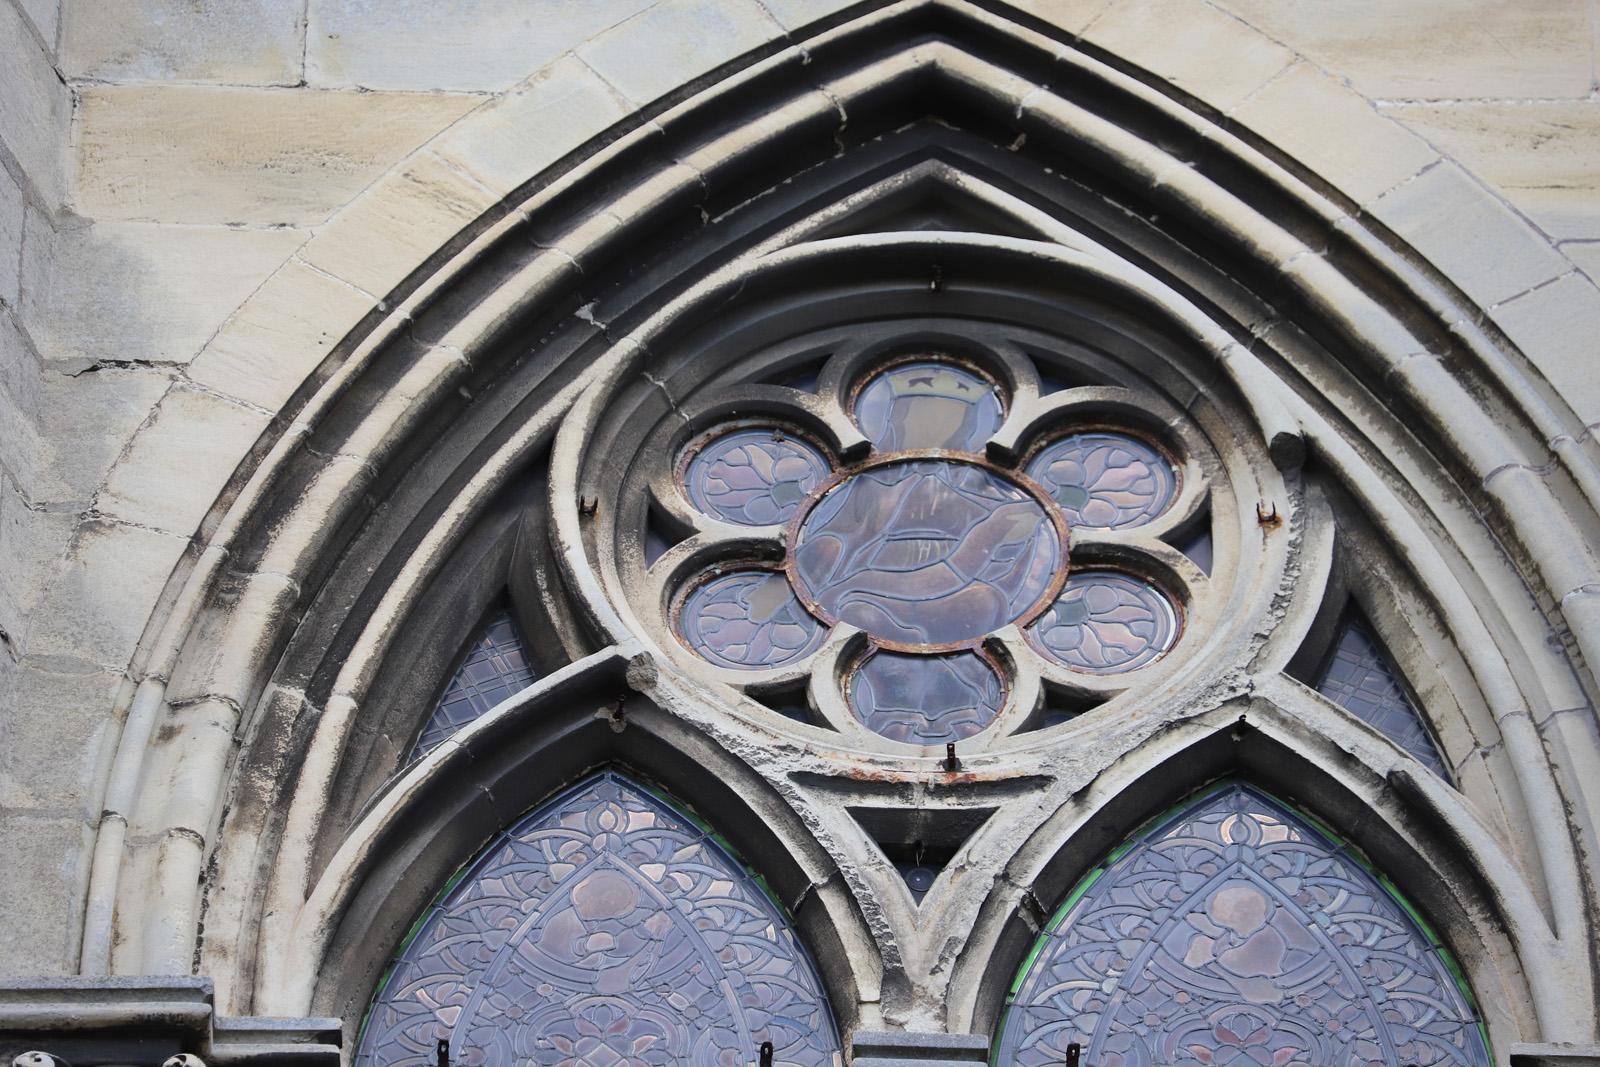 Moulure circulaire en pierre manquant sur la rosace, au-dessus du vitrail - façade sud